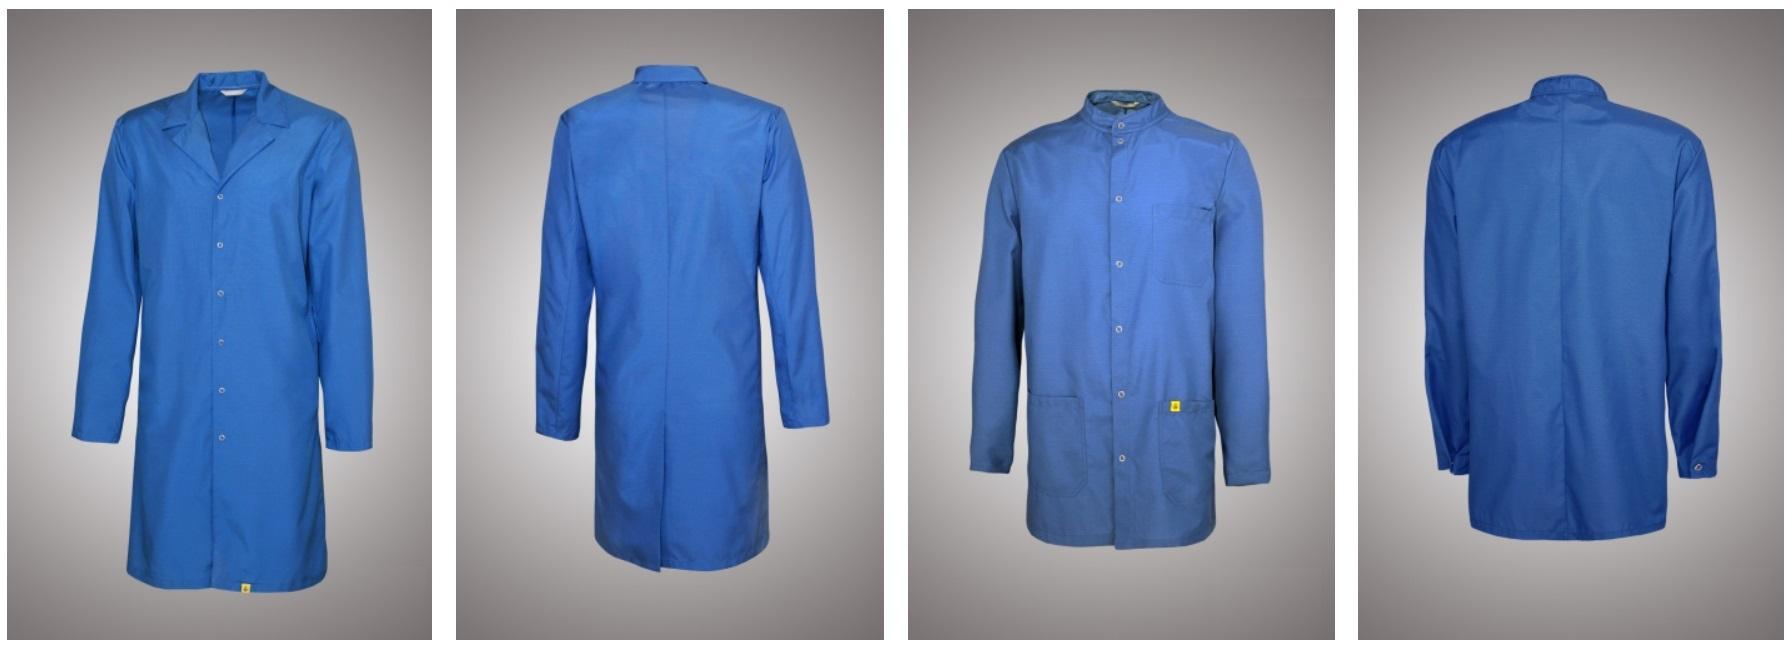 Халаты антистатические синие